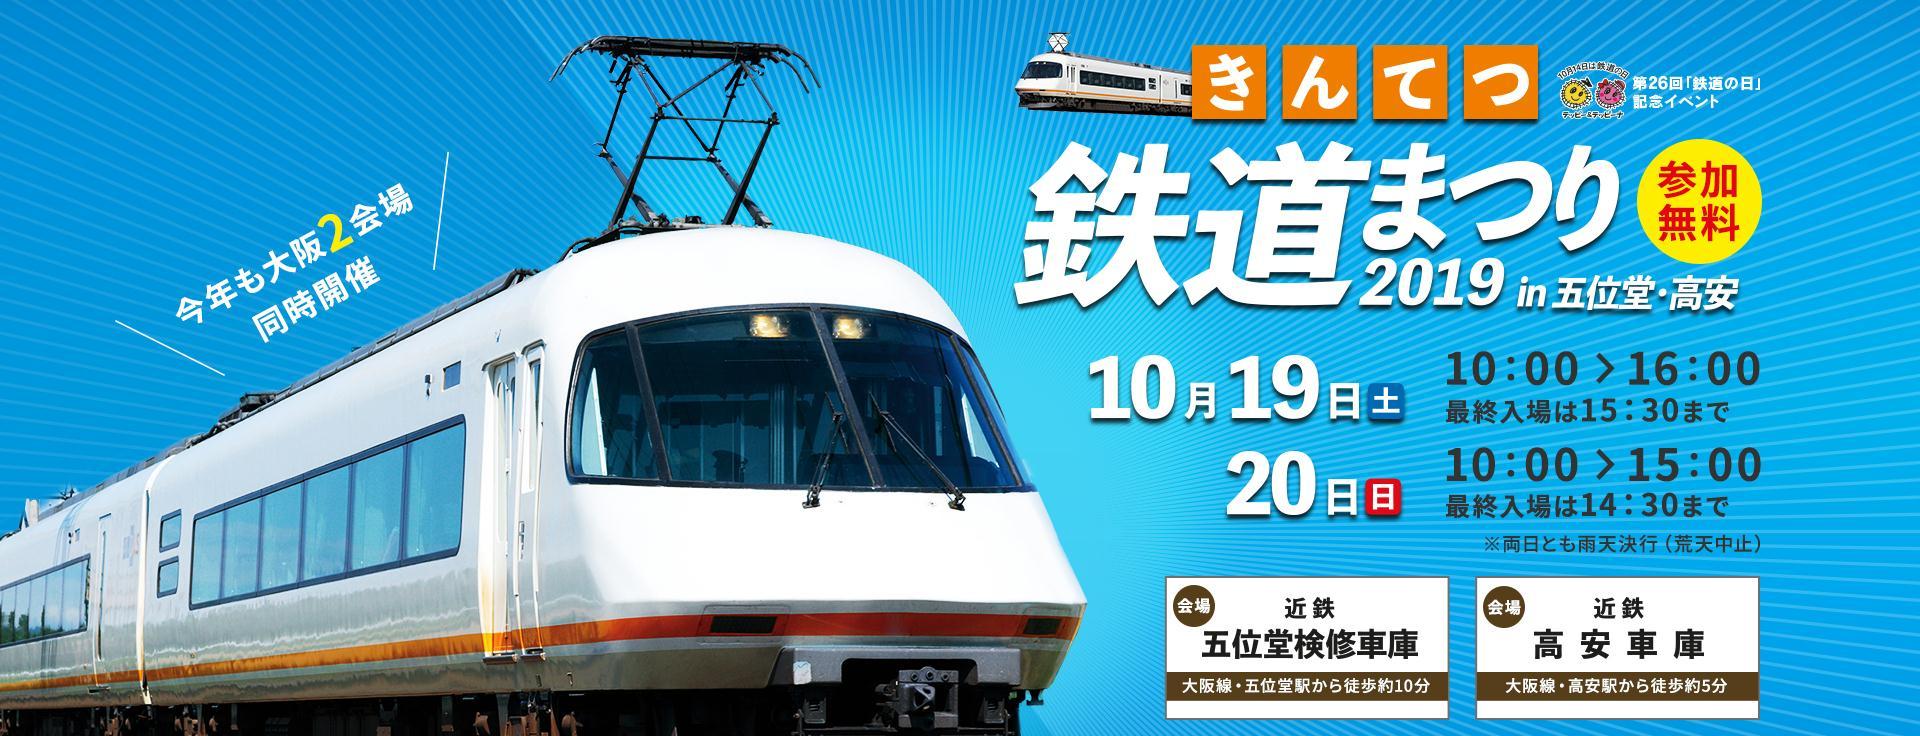 きんてつ鉄道まつり2019